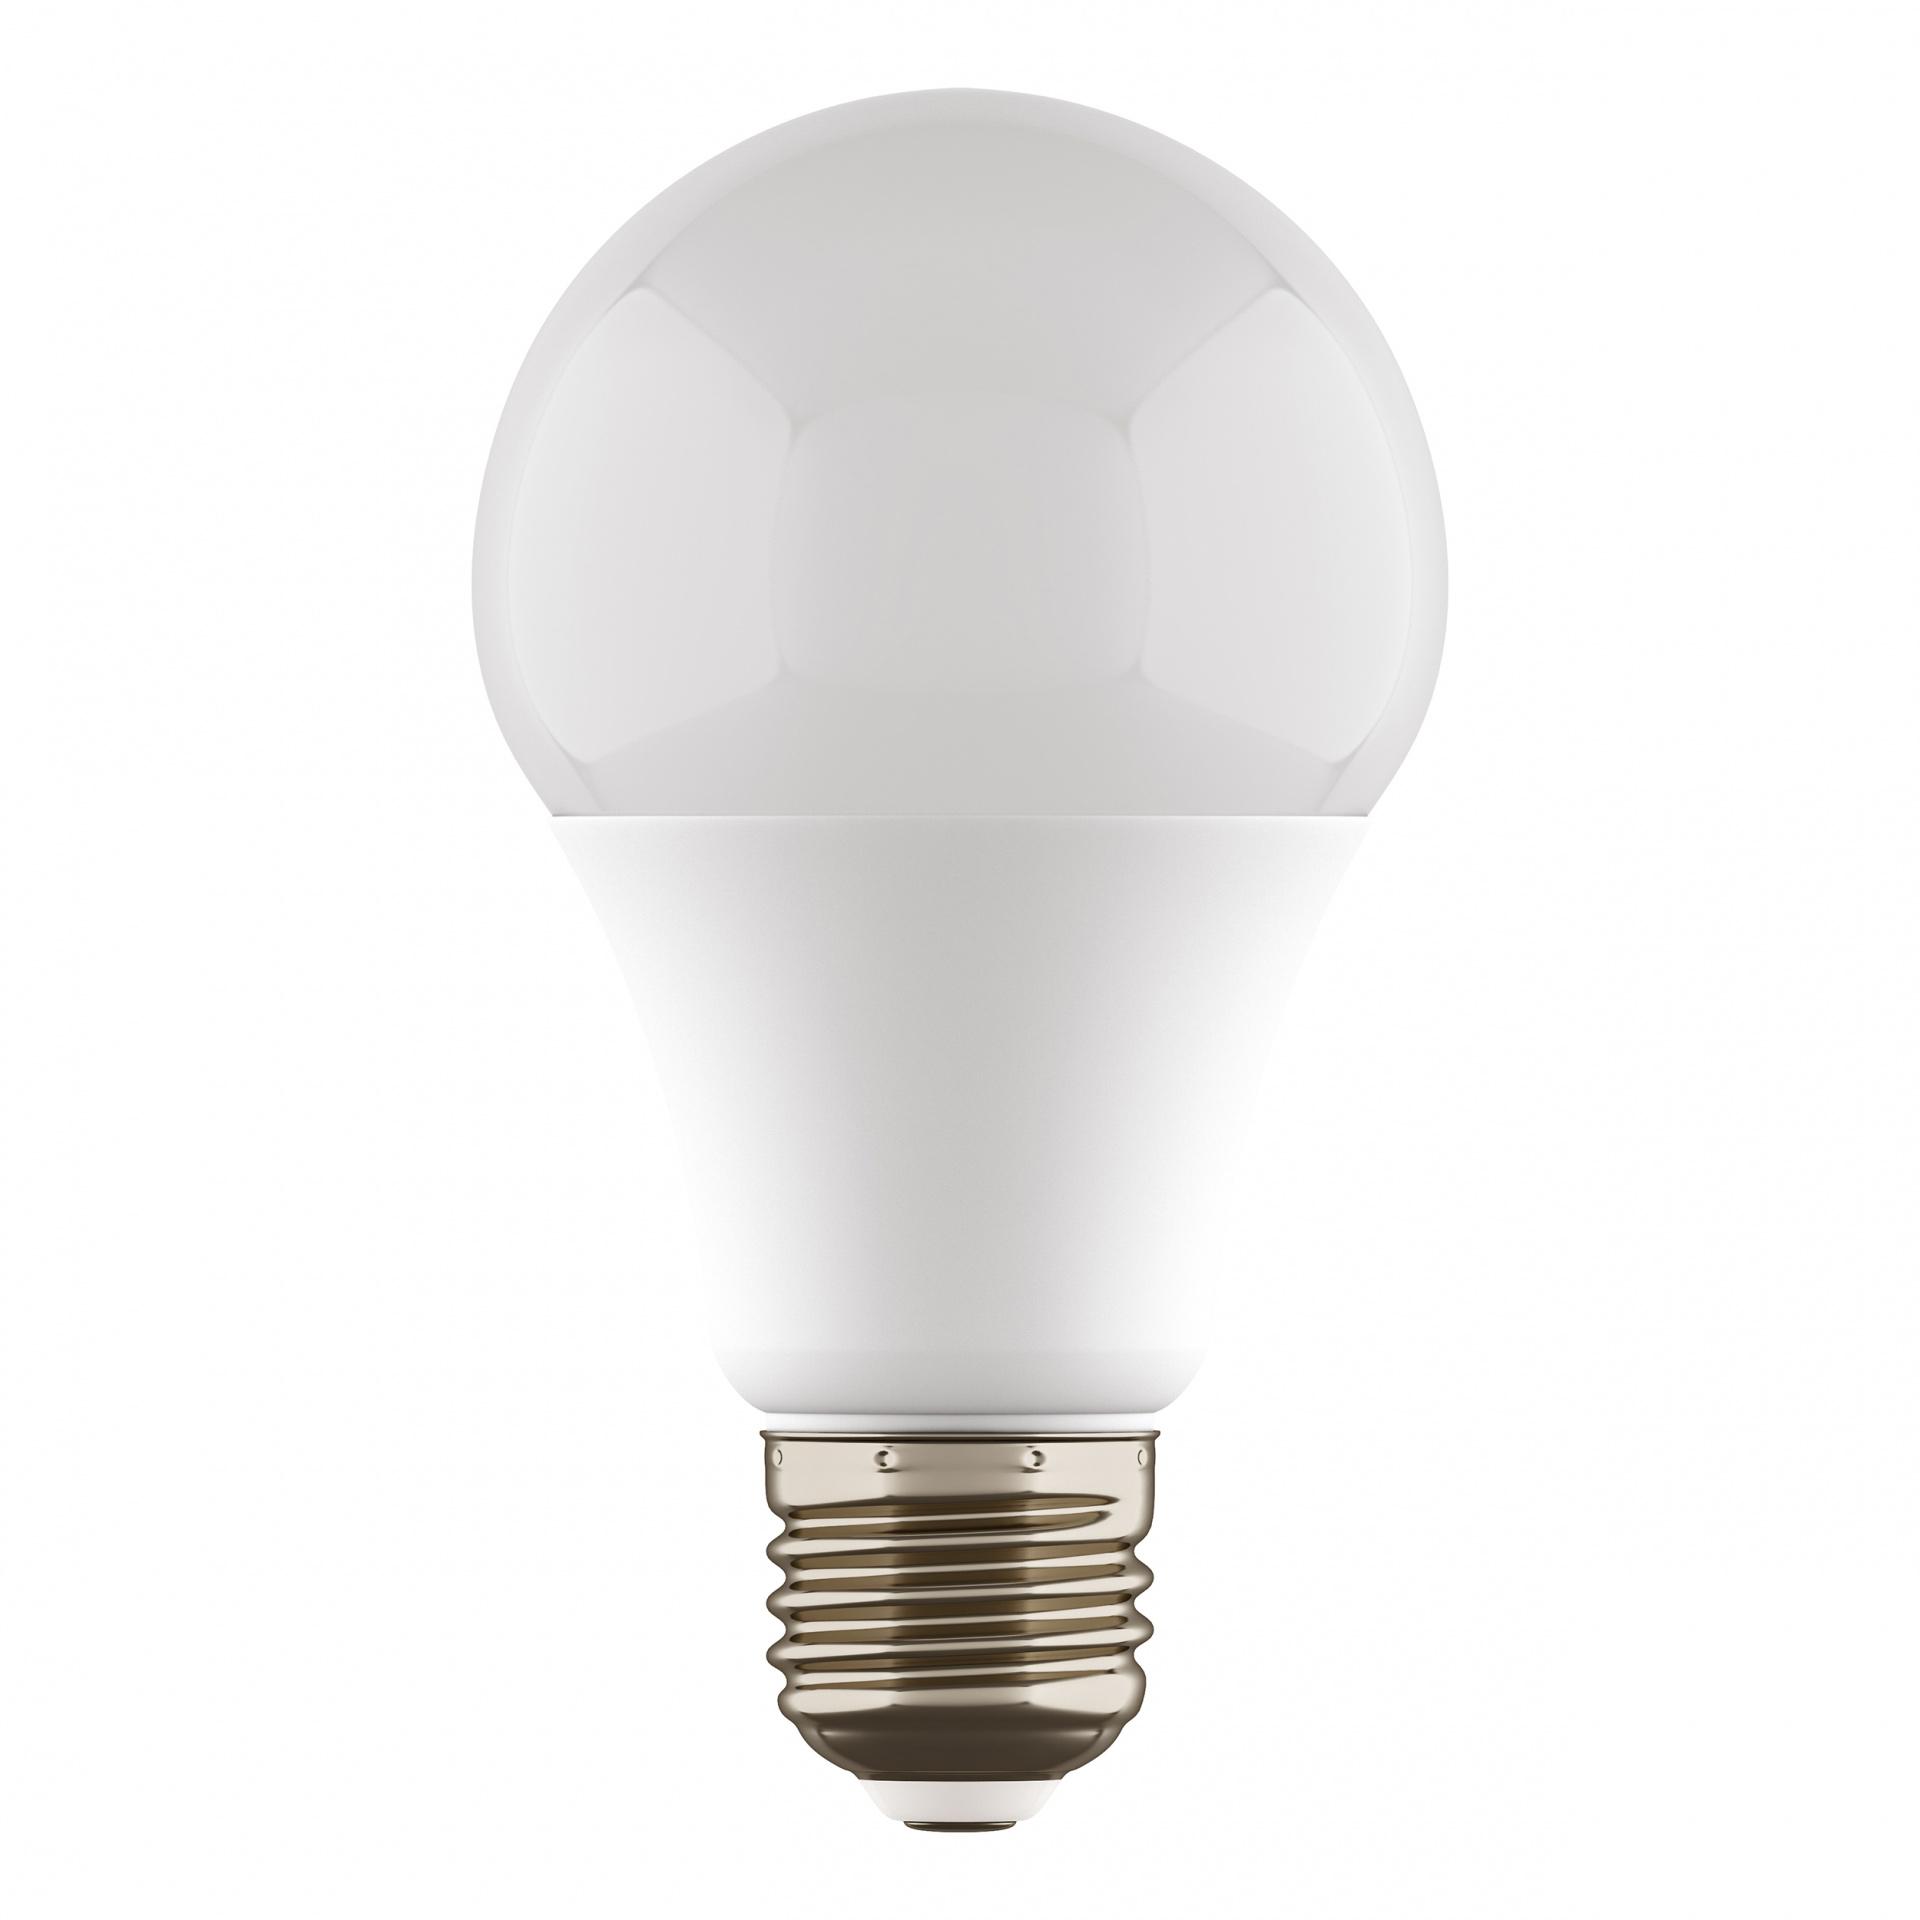 Лампа LED 220V A60 E27 9W=90W 600LM 180G FR 3000K 20000H Lightstar 940002, купить в СПб, Москве, с доставкой, Санкт-Петербург, интернет-магазин люстр и светильников Starlight, фото в жизни